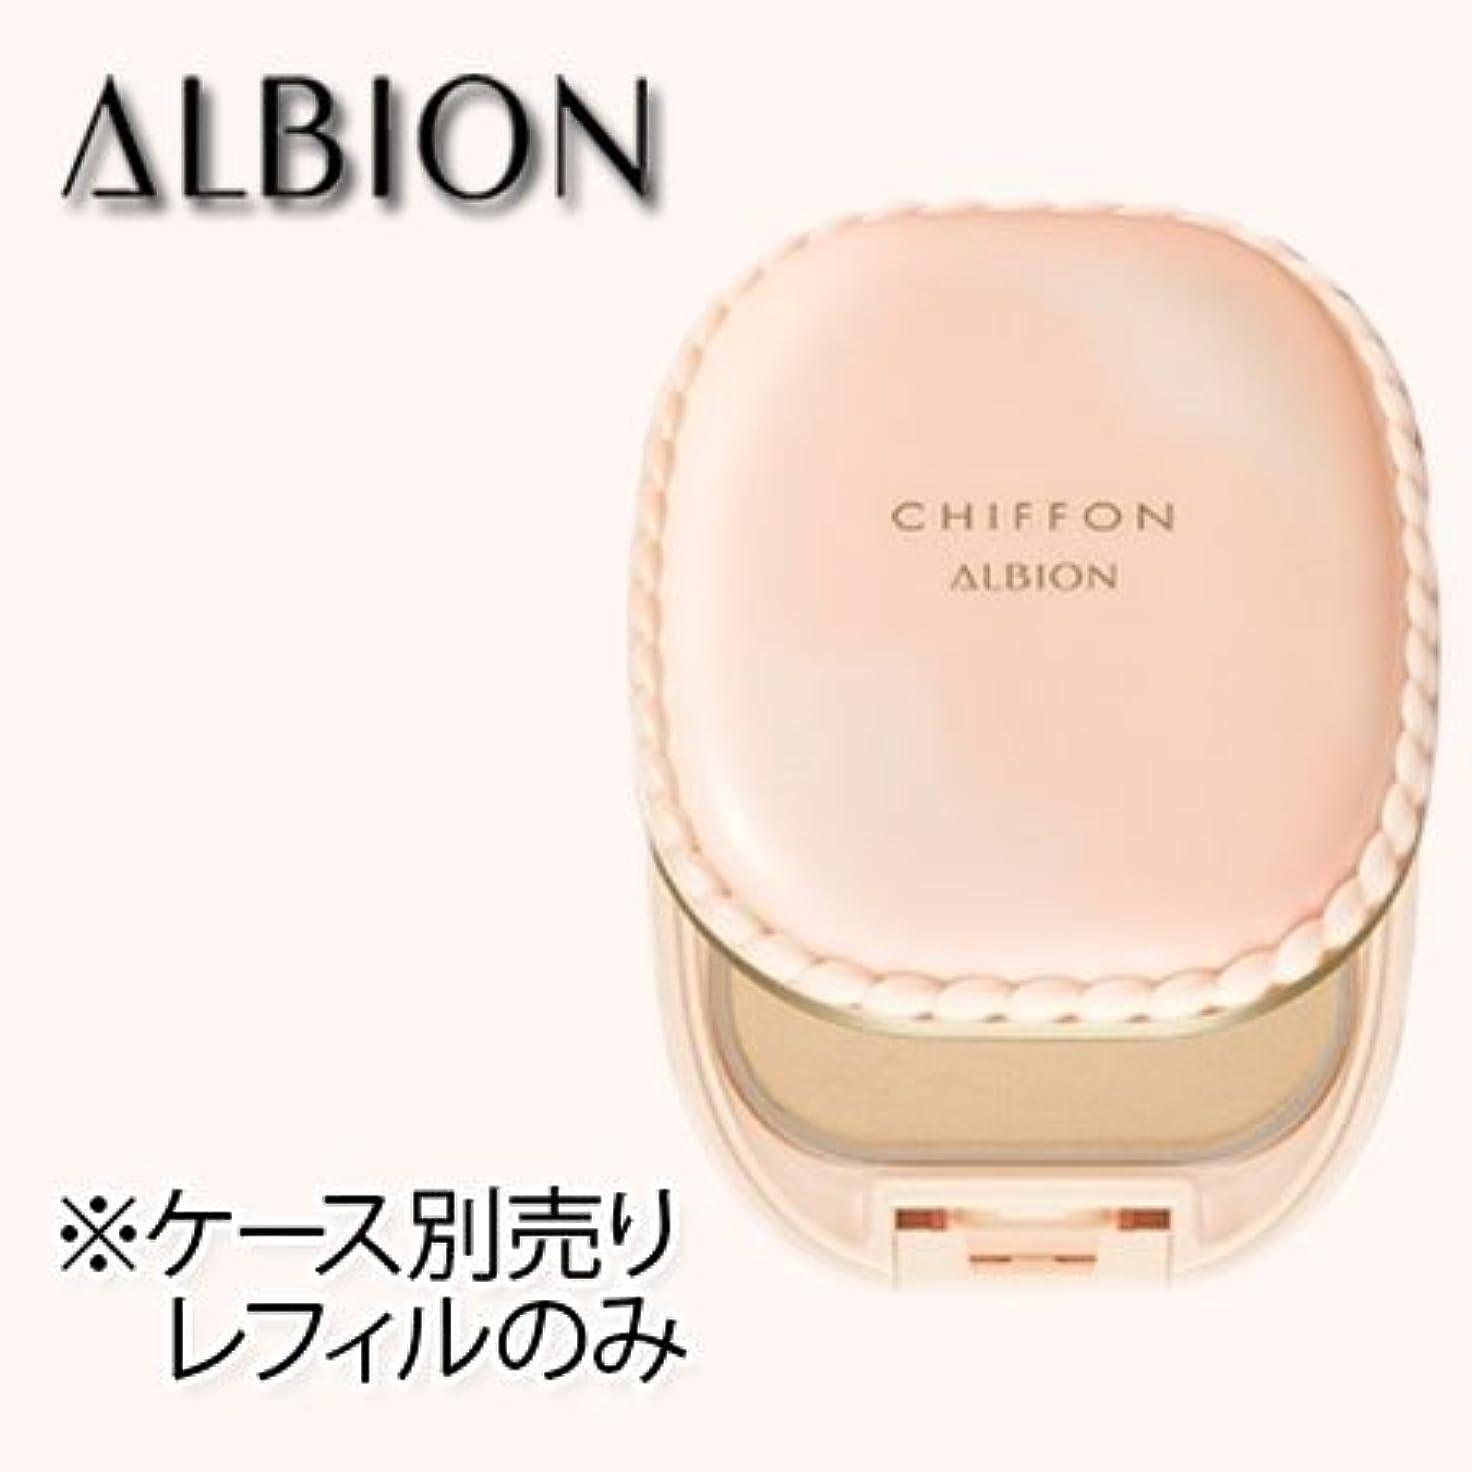 繊維衝動正当なアルビオン スウィート モイスチュア シフォン (レフィル) 10g 6色 SPF22 PA++-ALBION- 070